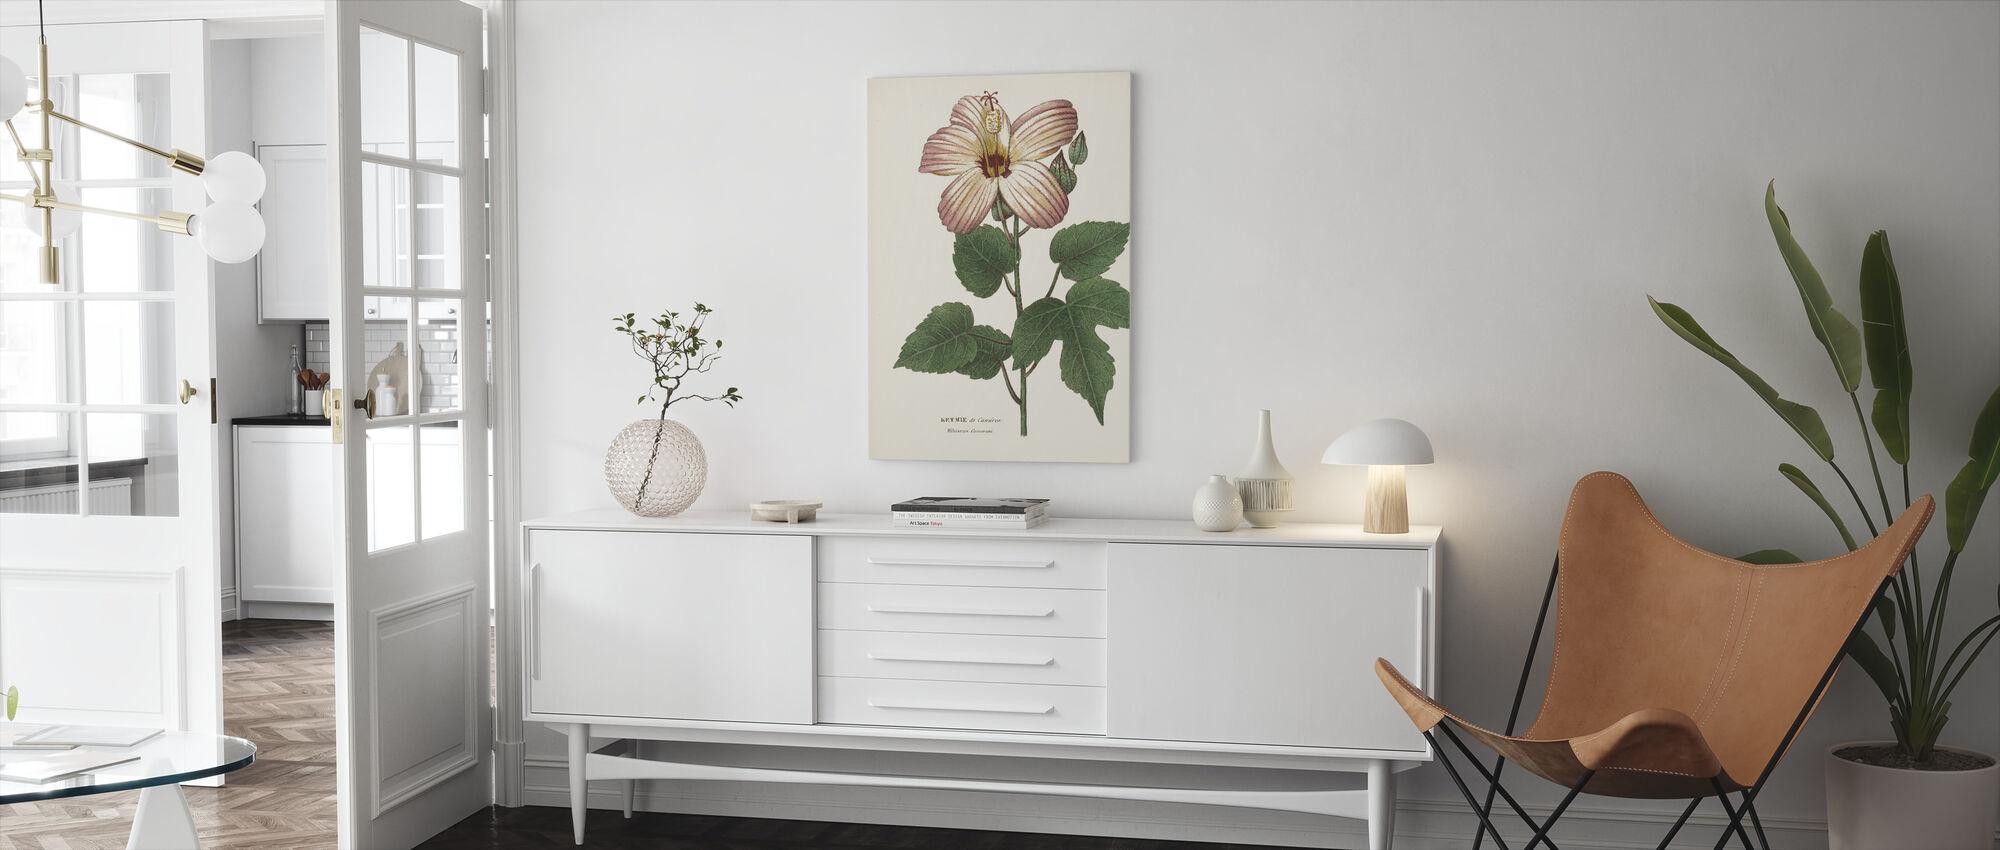 Antikk botanisk II krem - Lerretsbilde - Stue